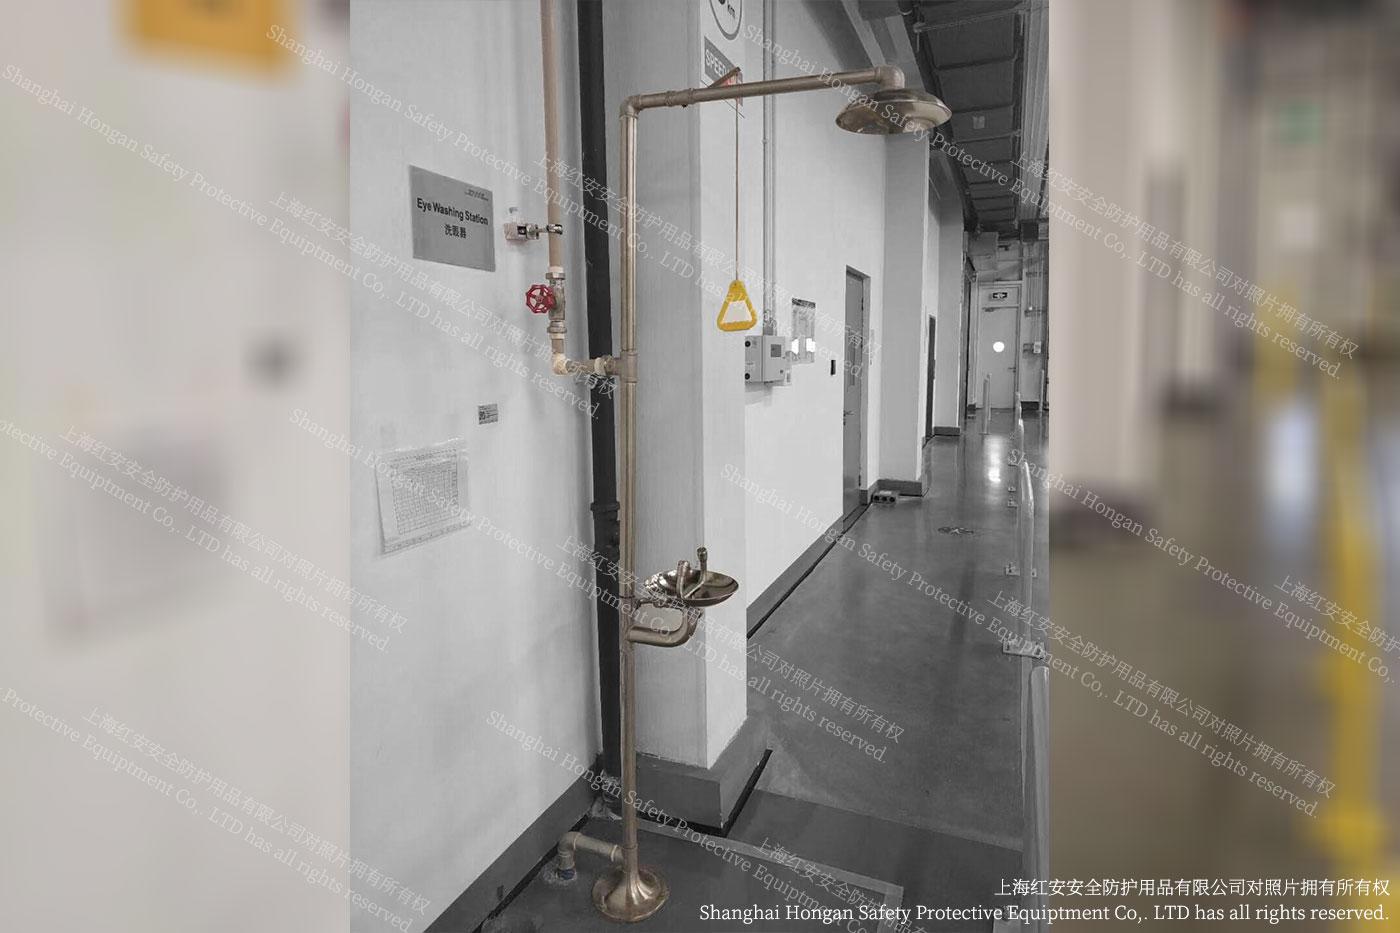 3客户秀图-洗眼器实际图片-上海红安洗眼器厂家.jpg